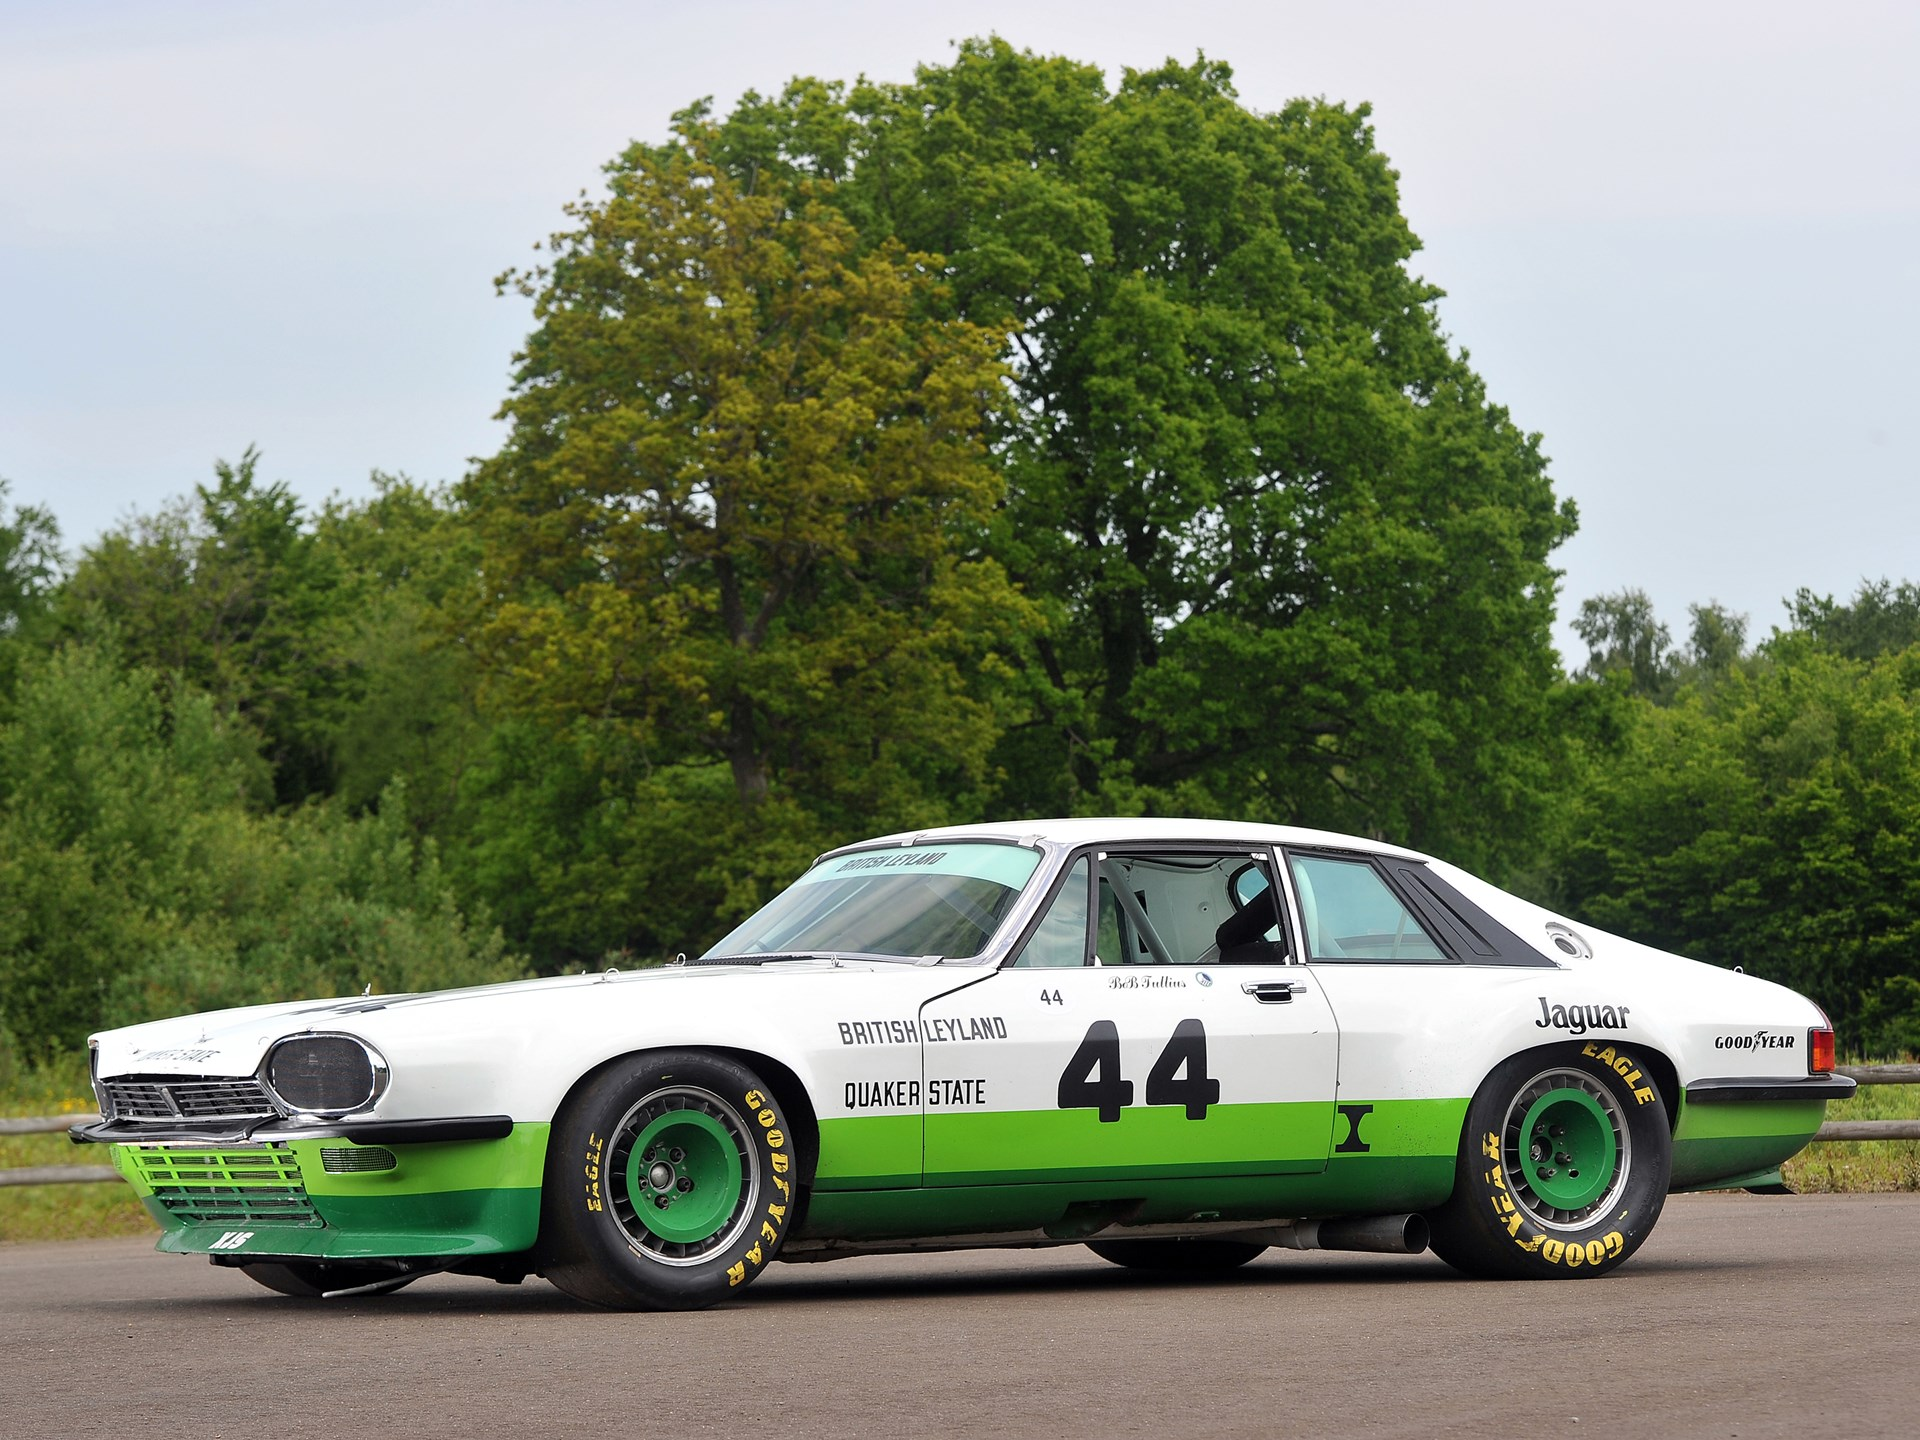 RM Sotheby's - 1978 Jaguar XJ-S Group 44 Trans-Am Race Car ...